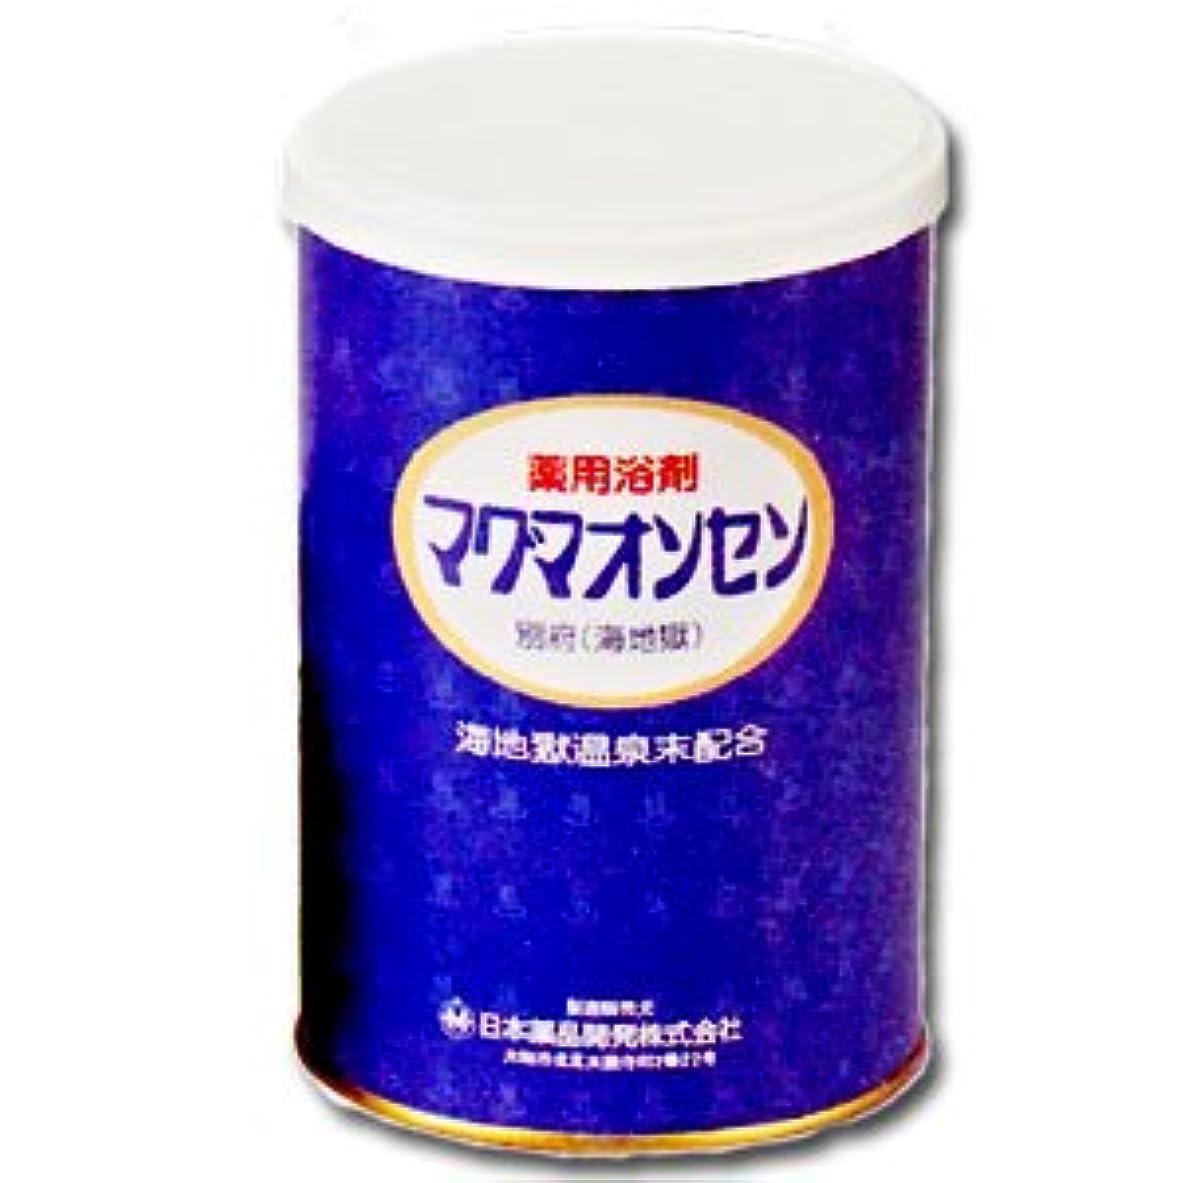 動力学怠感くつろぐ薬用入浴剤 マグマオンセン(医薬部外品)500g